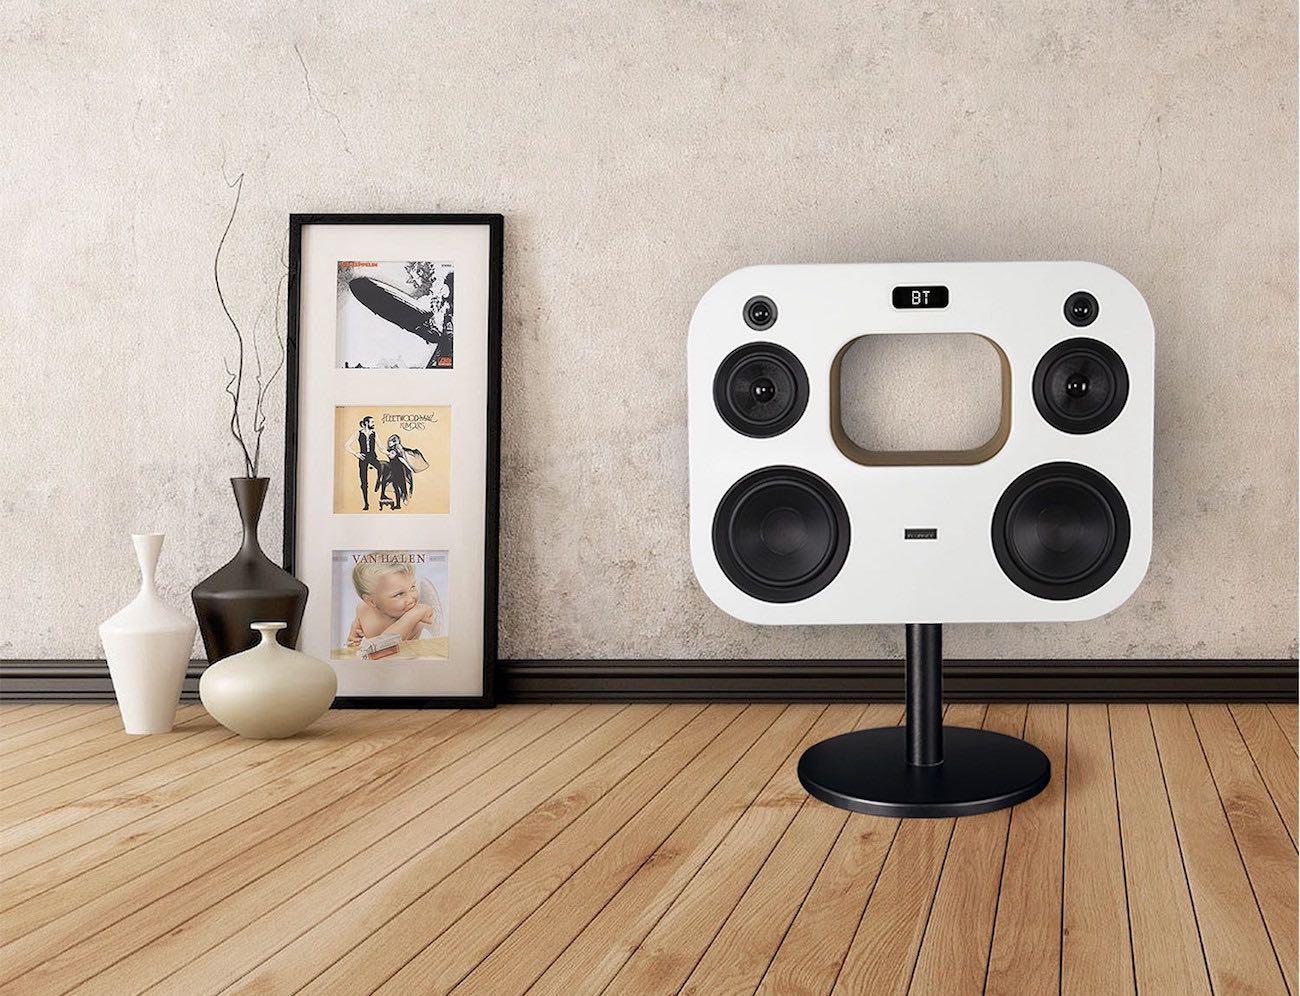 Fluance Fi70 Wireless Hi-Fi Music System